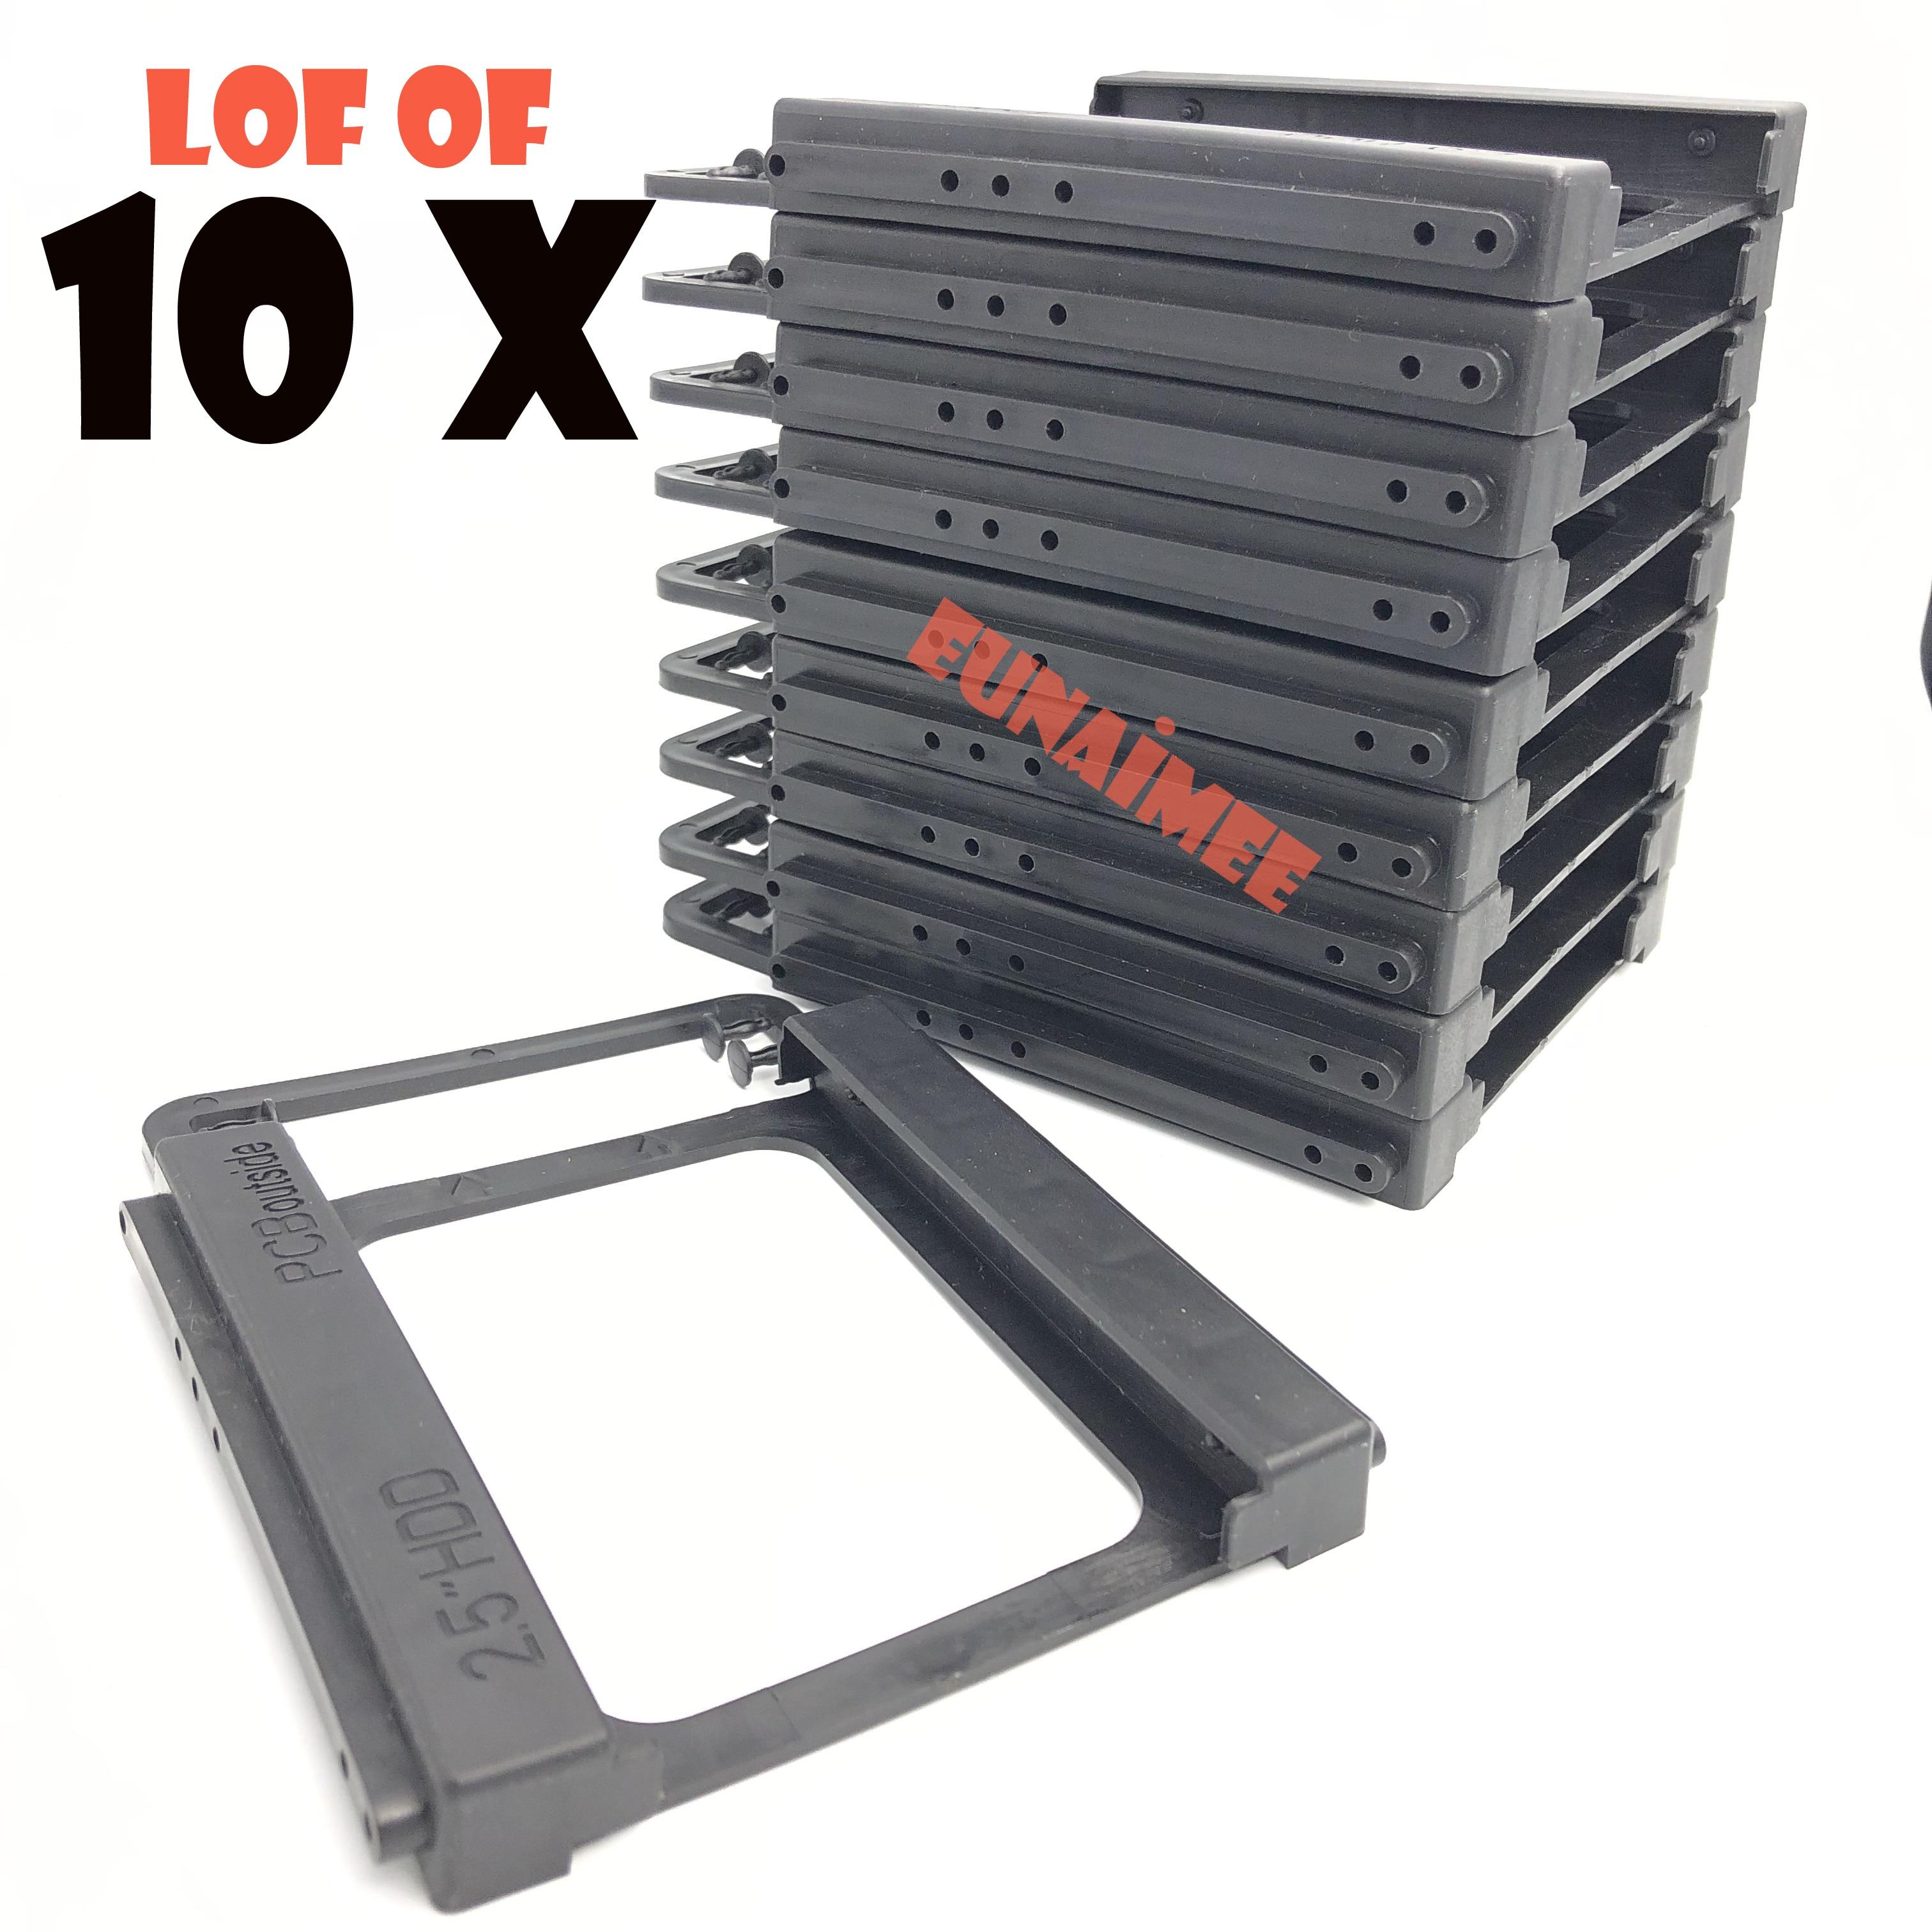 Монтажный комплект для жесткого диска для ноутбука, 2,5-3,5 дюйма, SSD HDD, пластиковый адаптер, док-станция